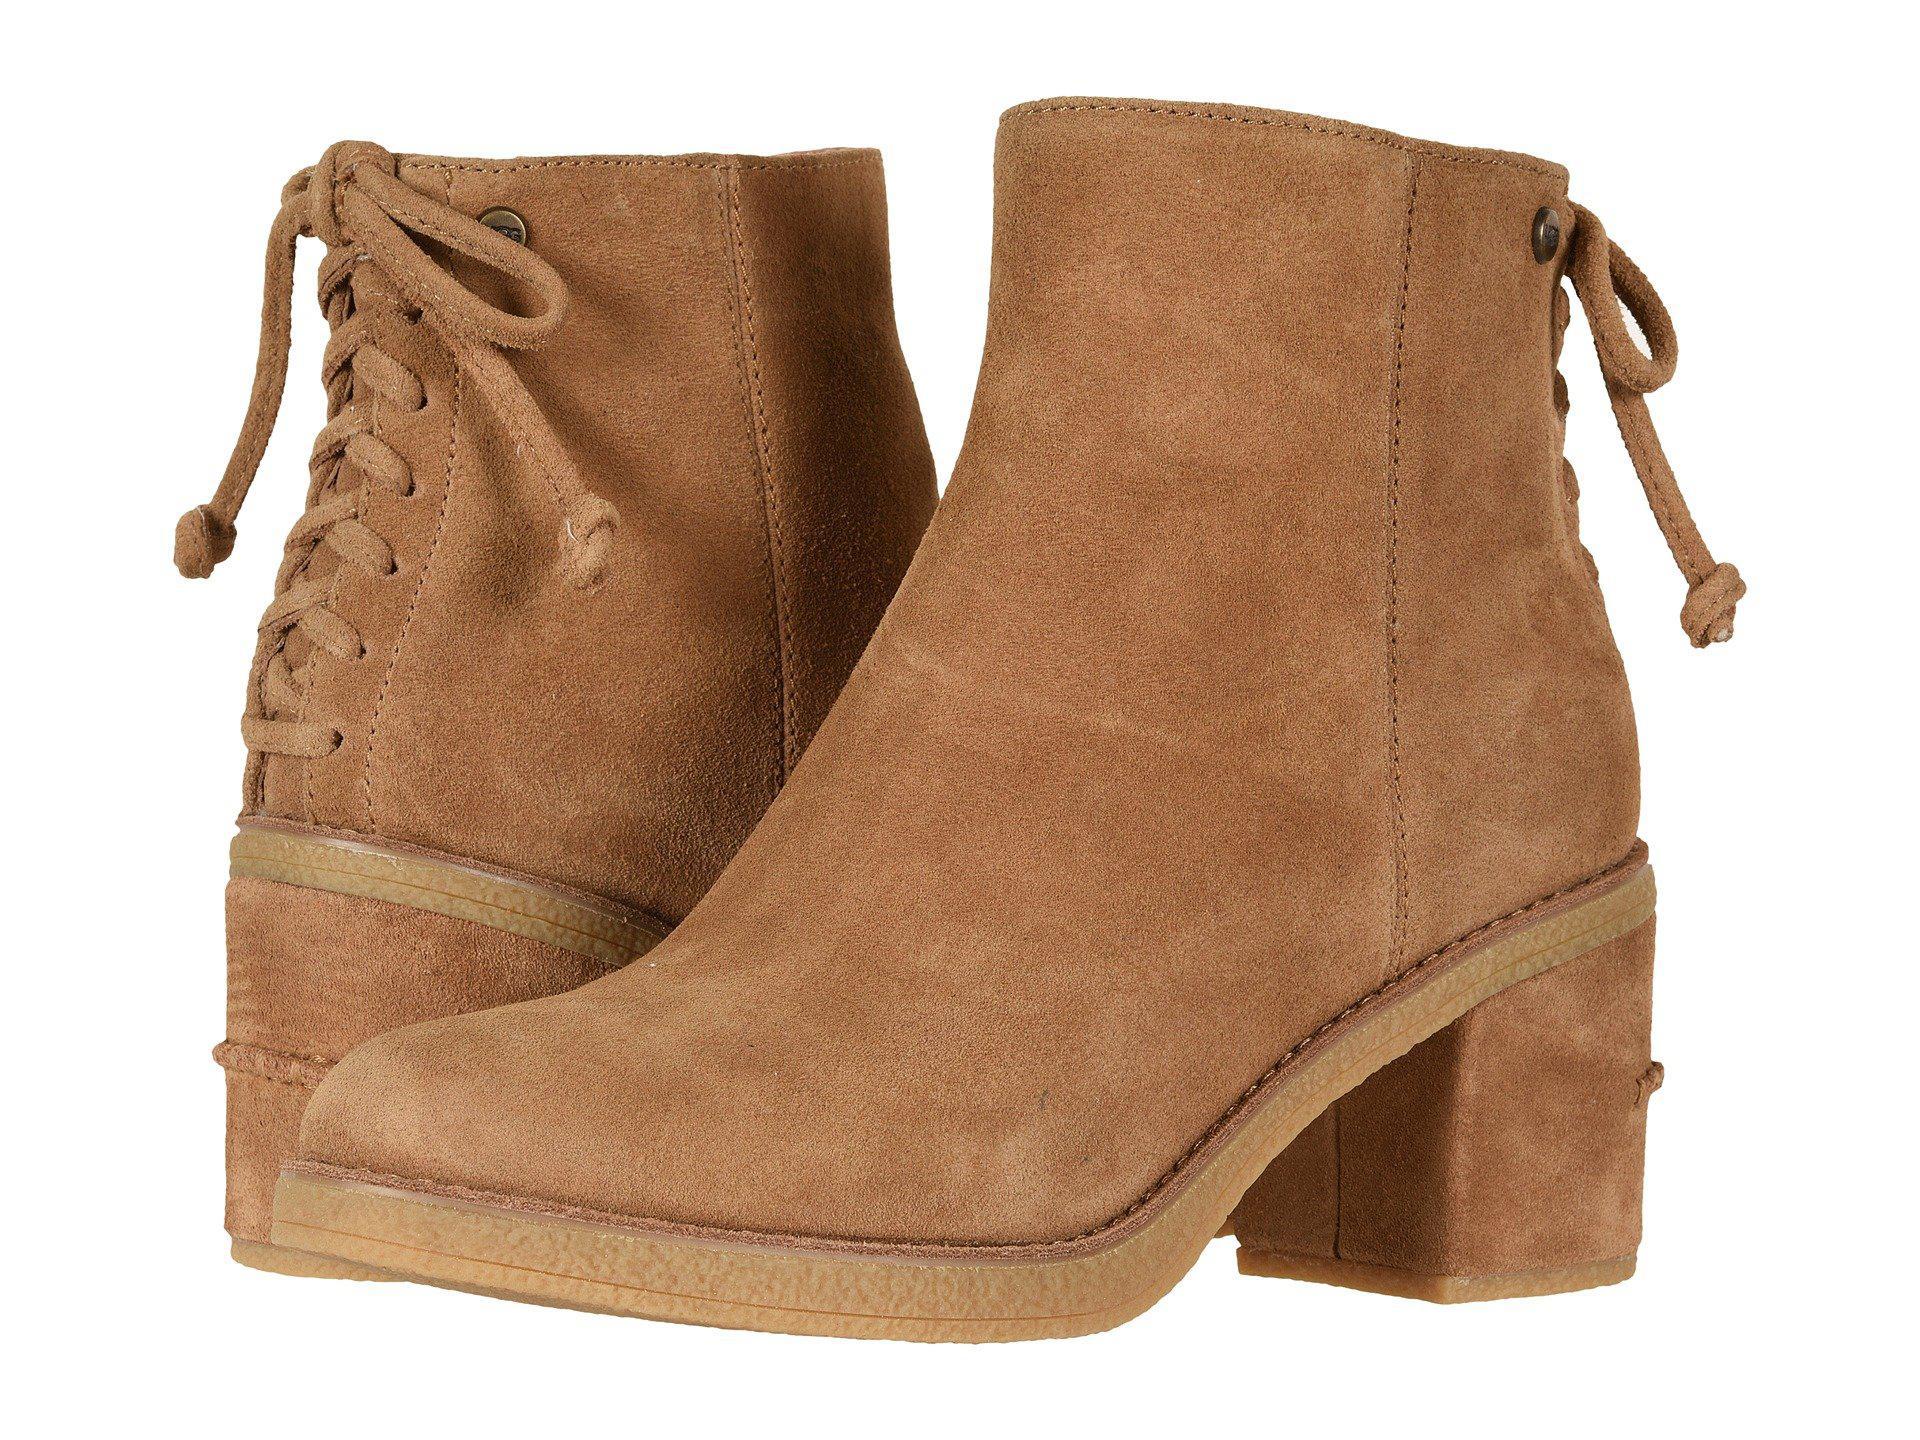 Lyst - UGG Corinne Boot (chestnut) Women s Zip Boots in Brown 0c13666d3